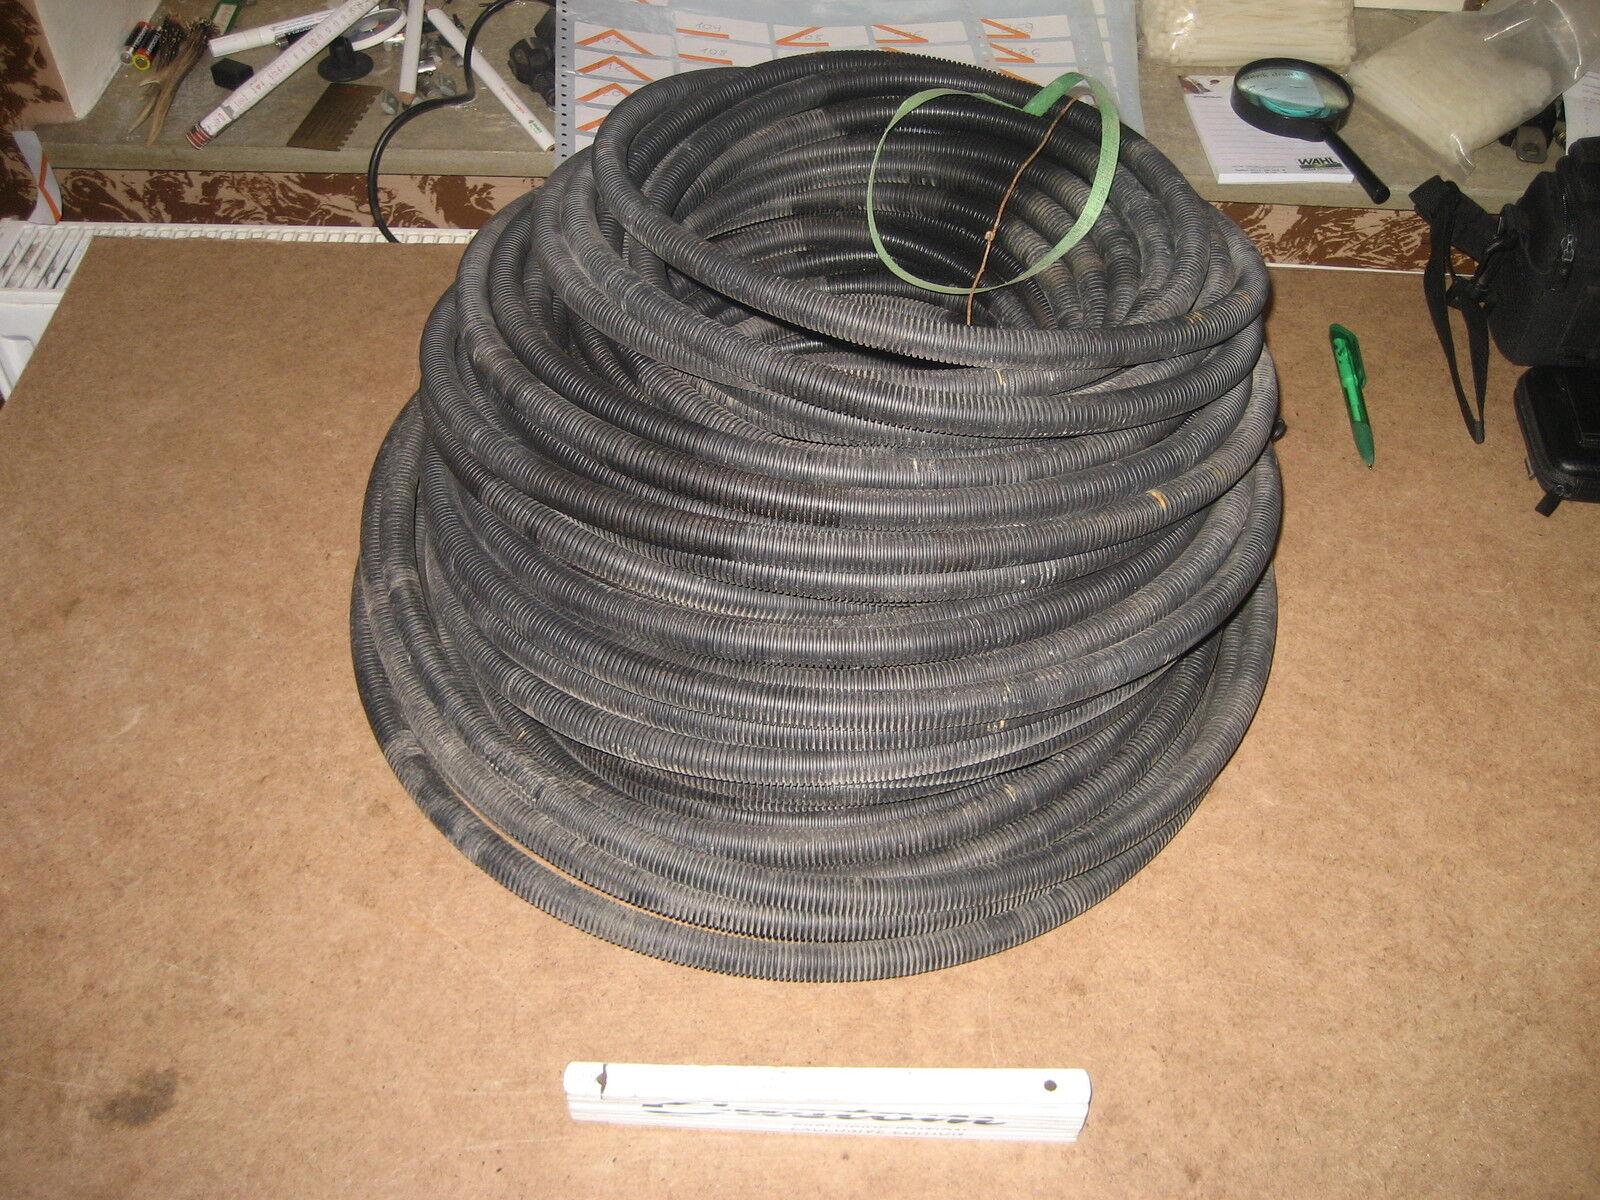 Ca 93 Mtr 14/18 Kunststoff Kunststoff Kunststoff Isolierrohr DIN 49019/3 Hoch Temperatur Besteändig 104 cf43dd